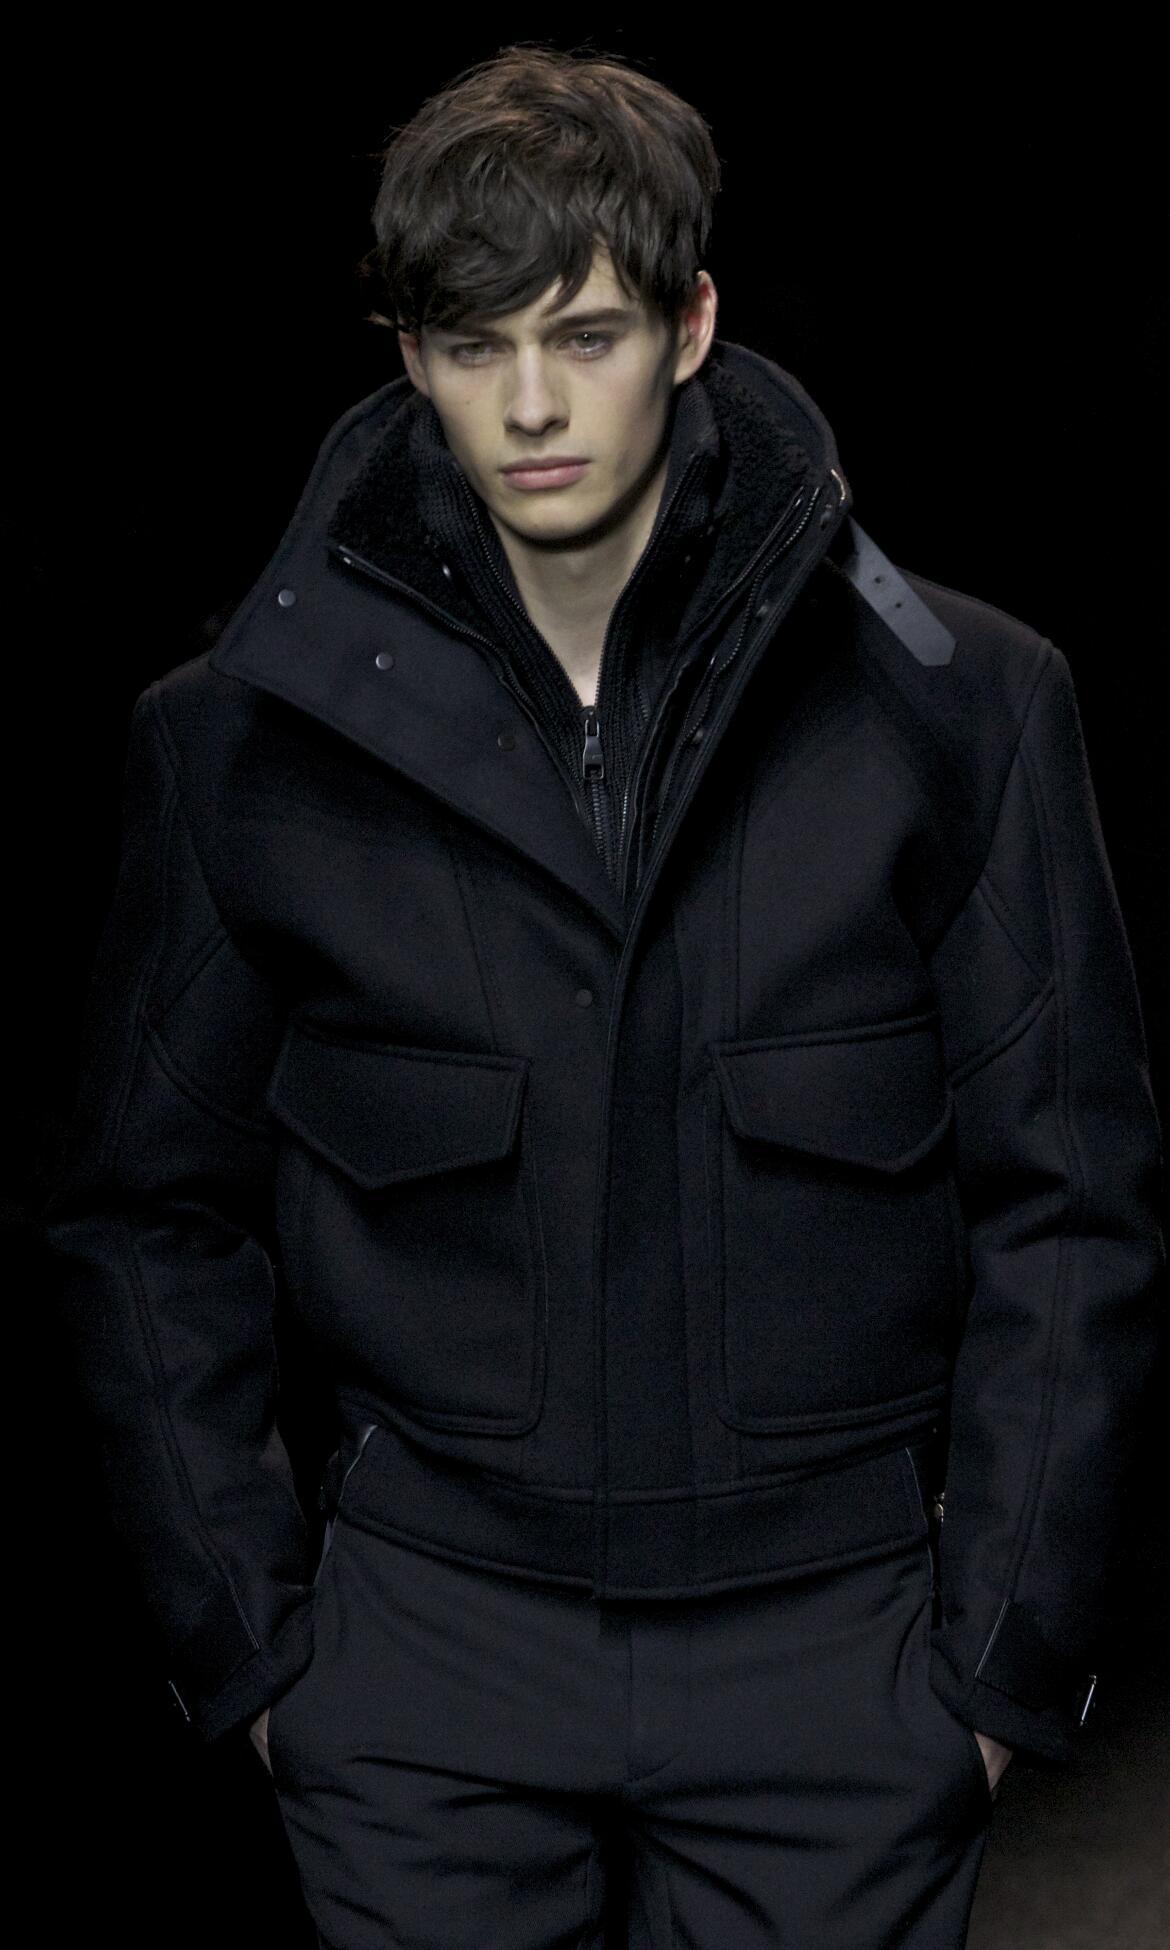 Winter 2013 Fashion Show Salvatore Ferragamo